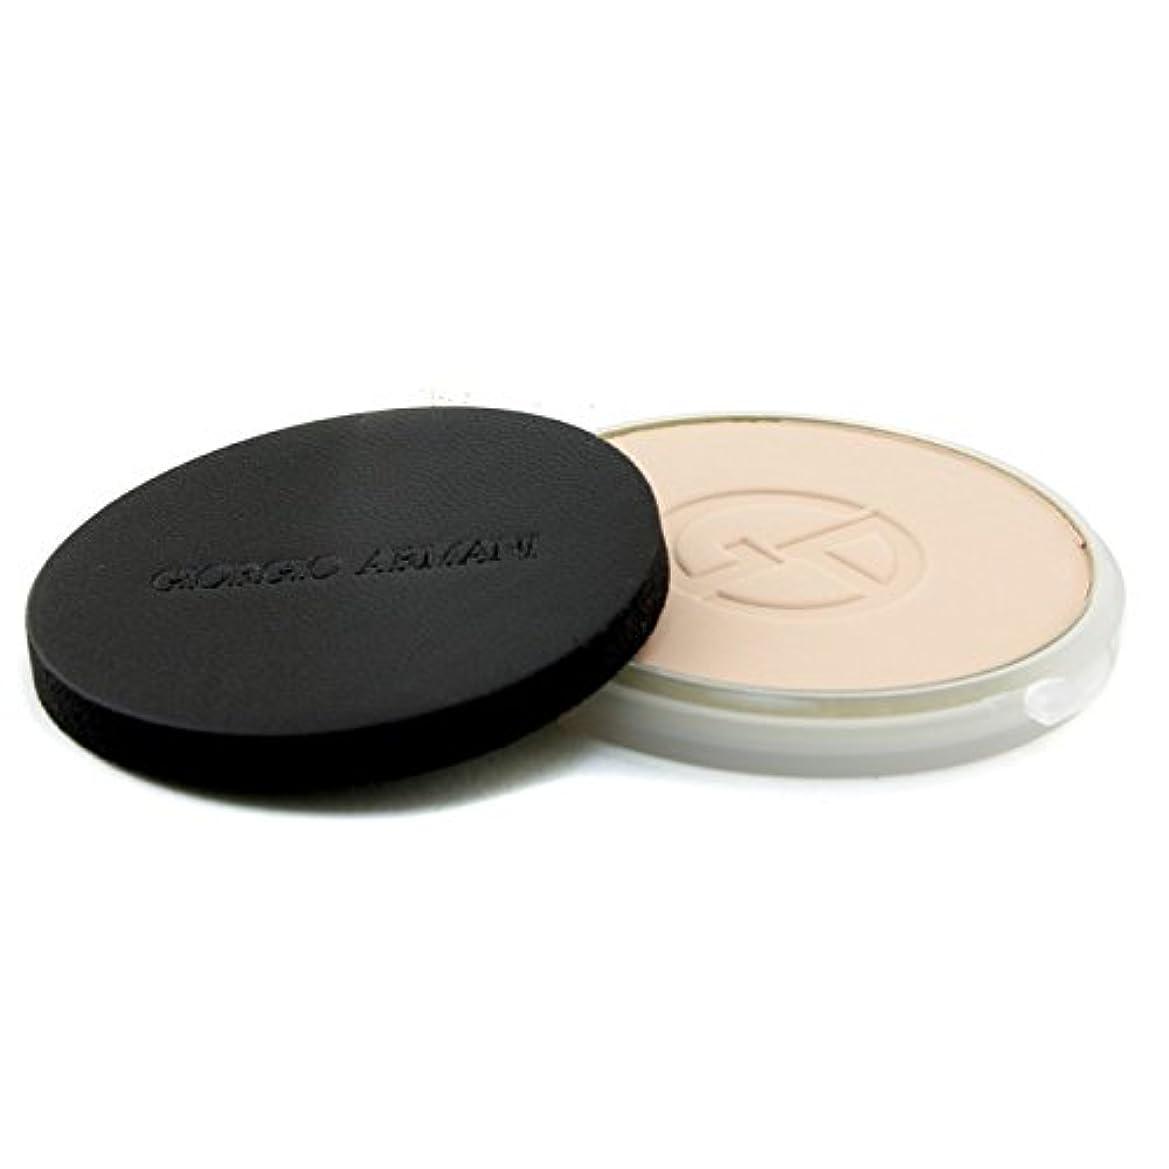 天ラック小屋ジョルジオアルマーニ Lasting Silk UV Compact Foundation SPF 34 (Refill) - # 3 (Light Sand) 9g/0.3oz並行輸入品